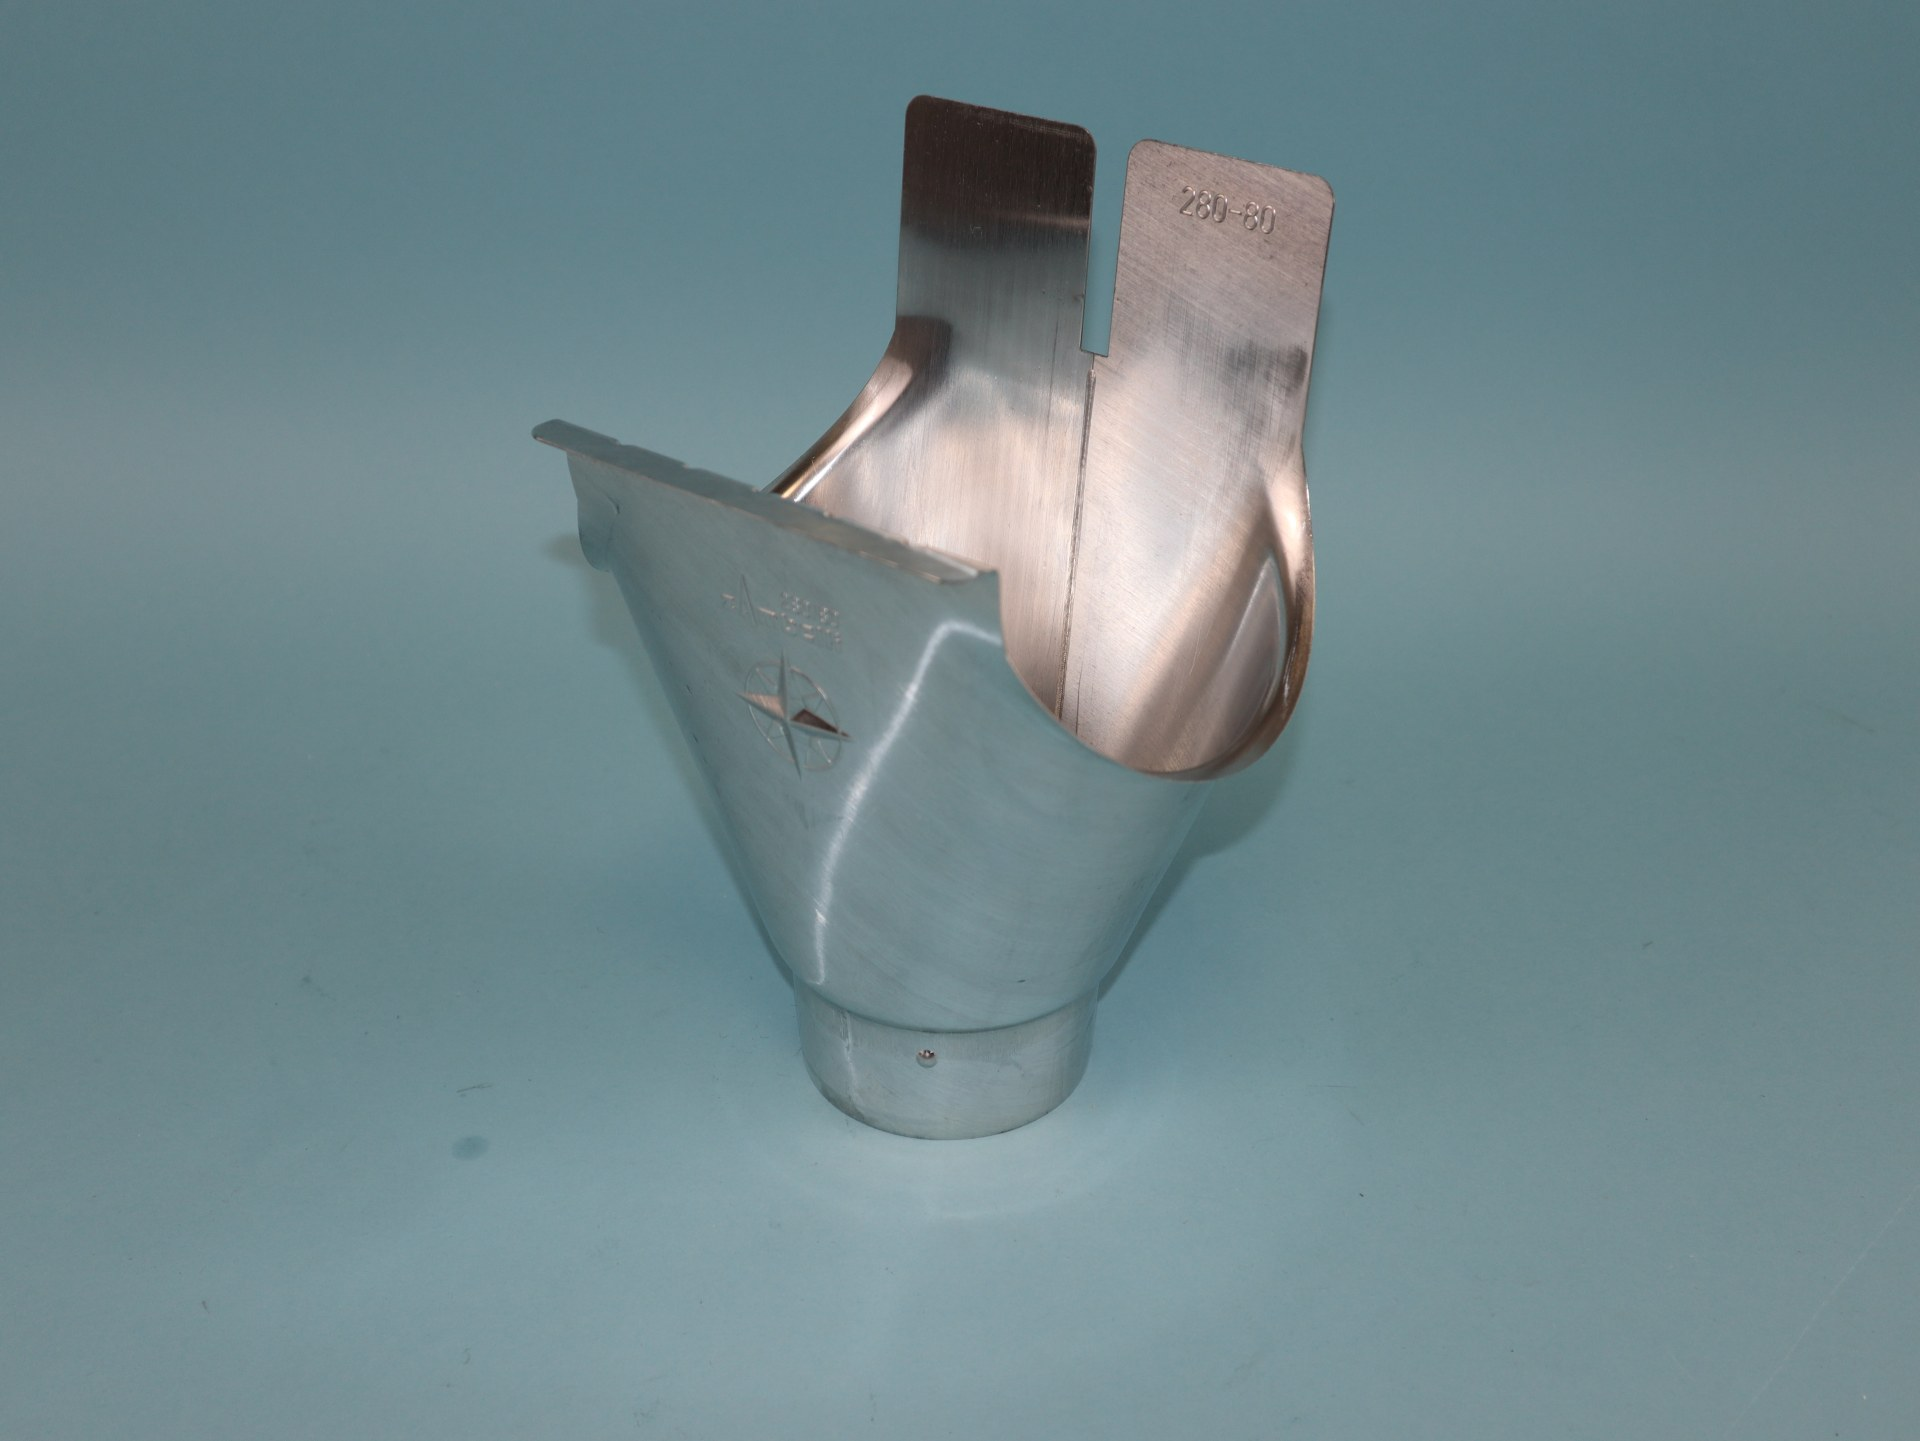 Einhangstutzen Aluminium